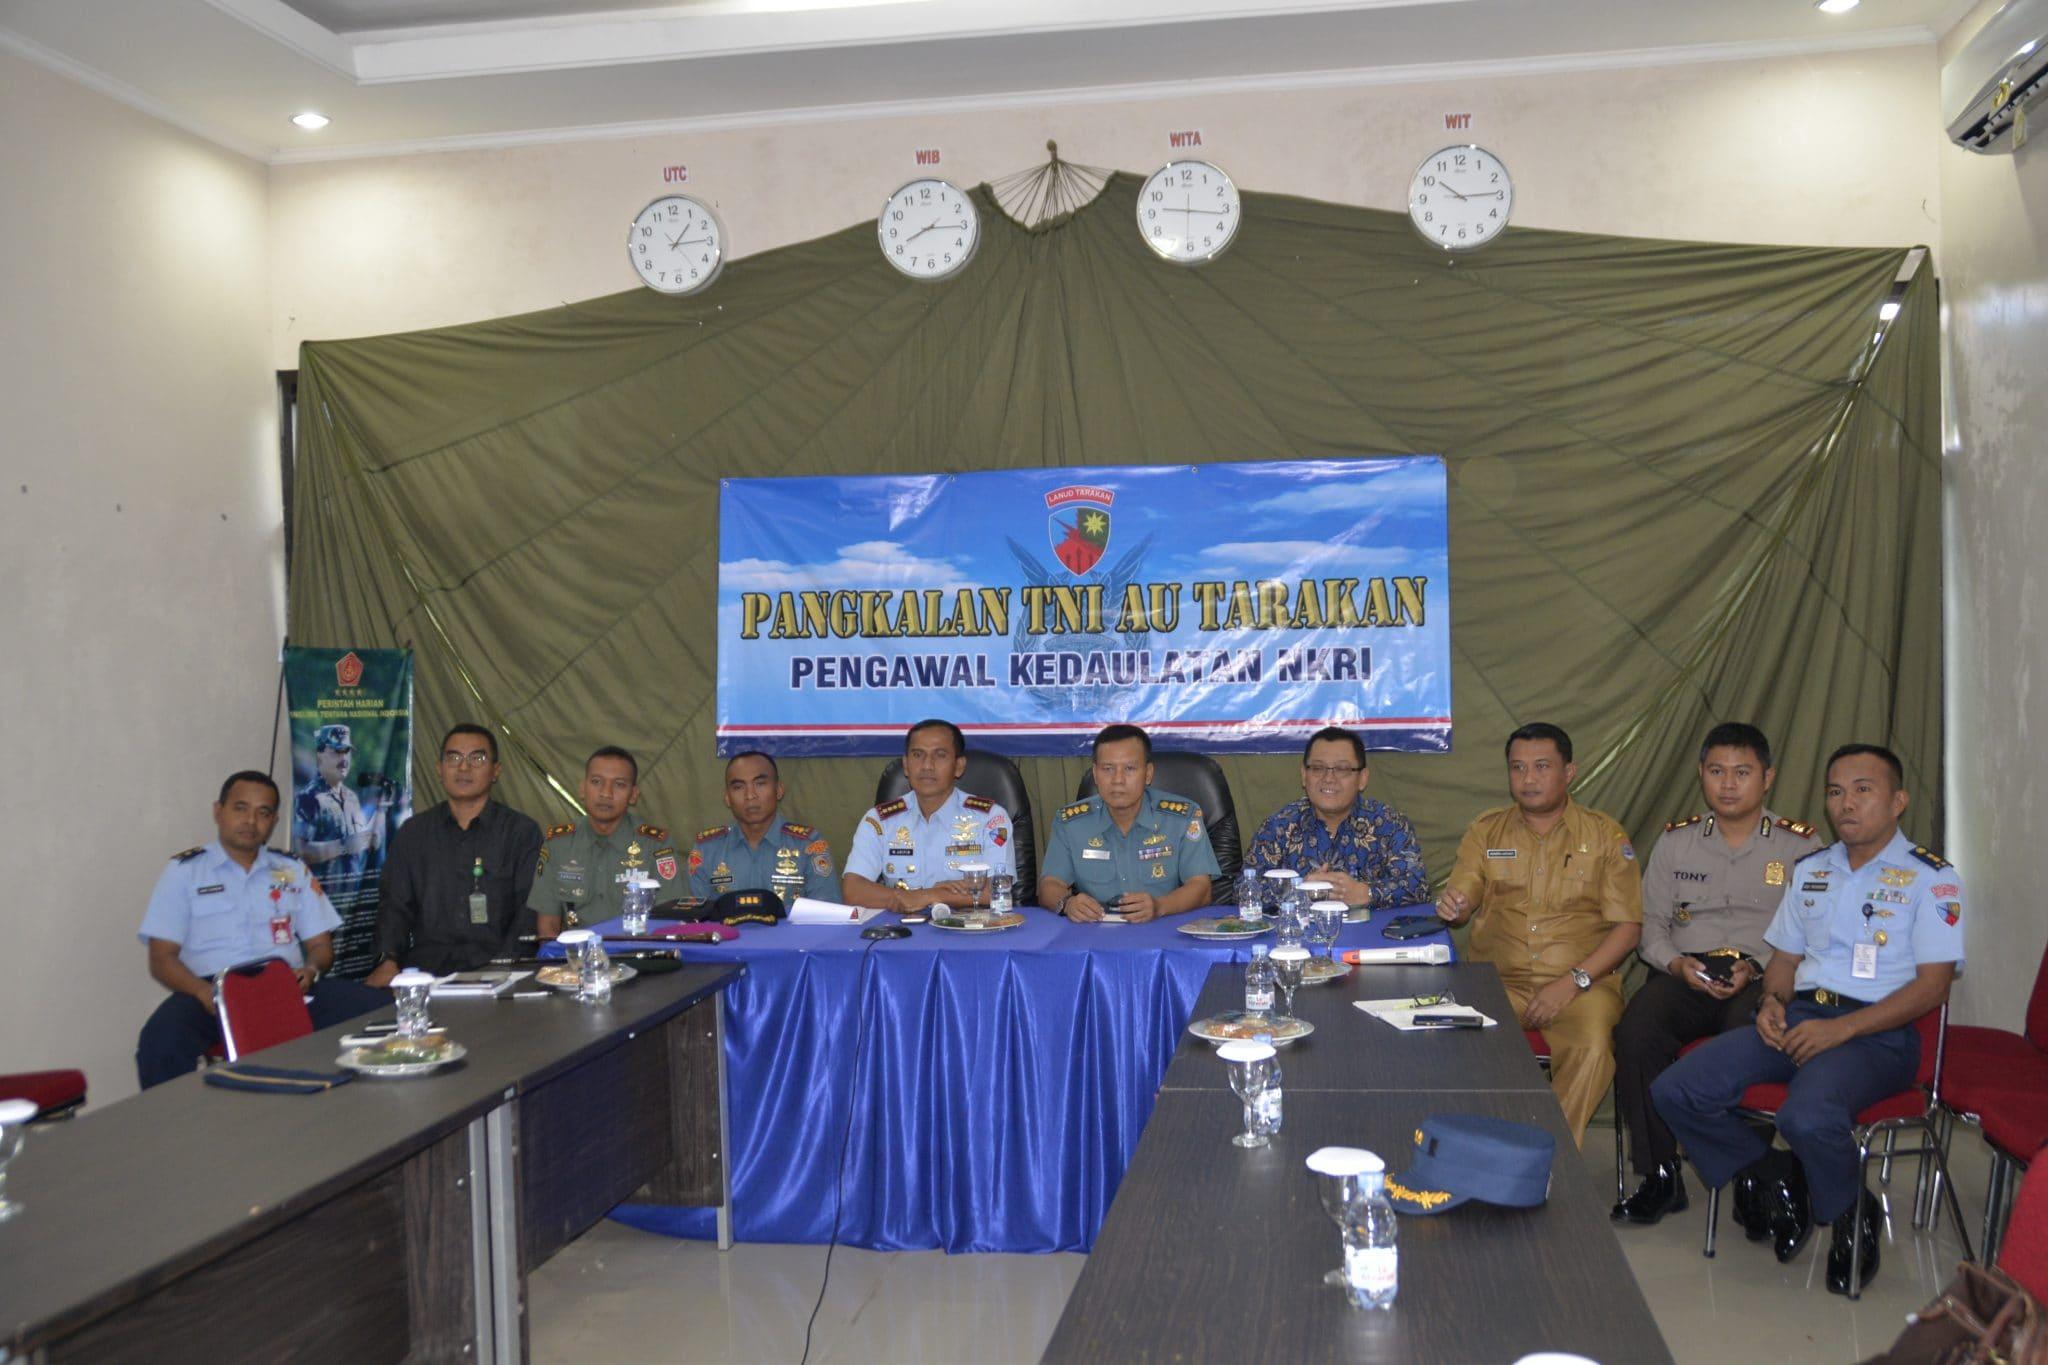 PANGLIMA TNI VIDEO CONFERENCE DENGAN LANUD TARAKAN